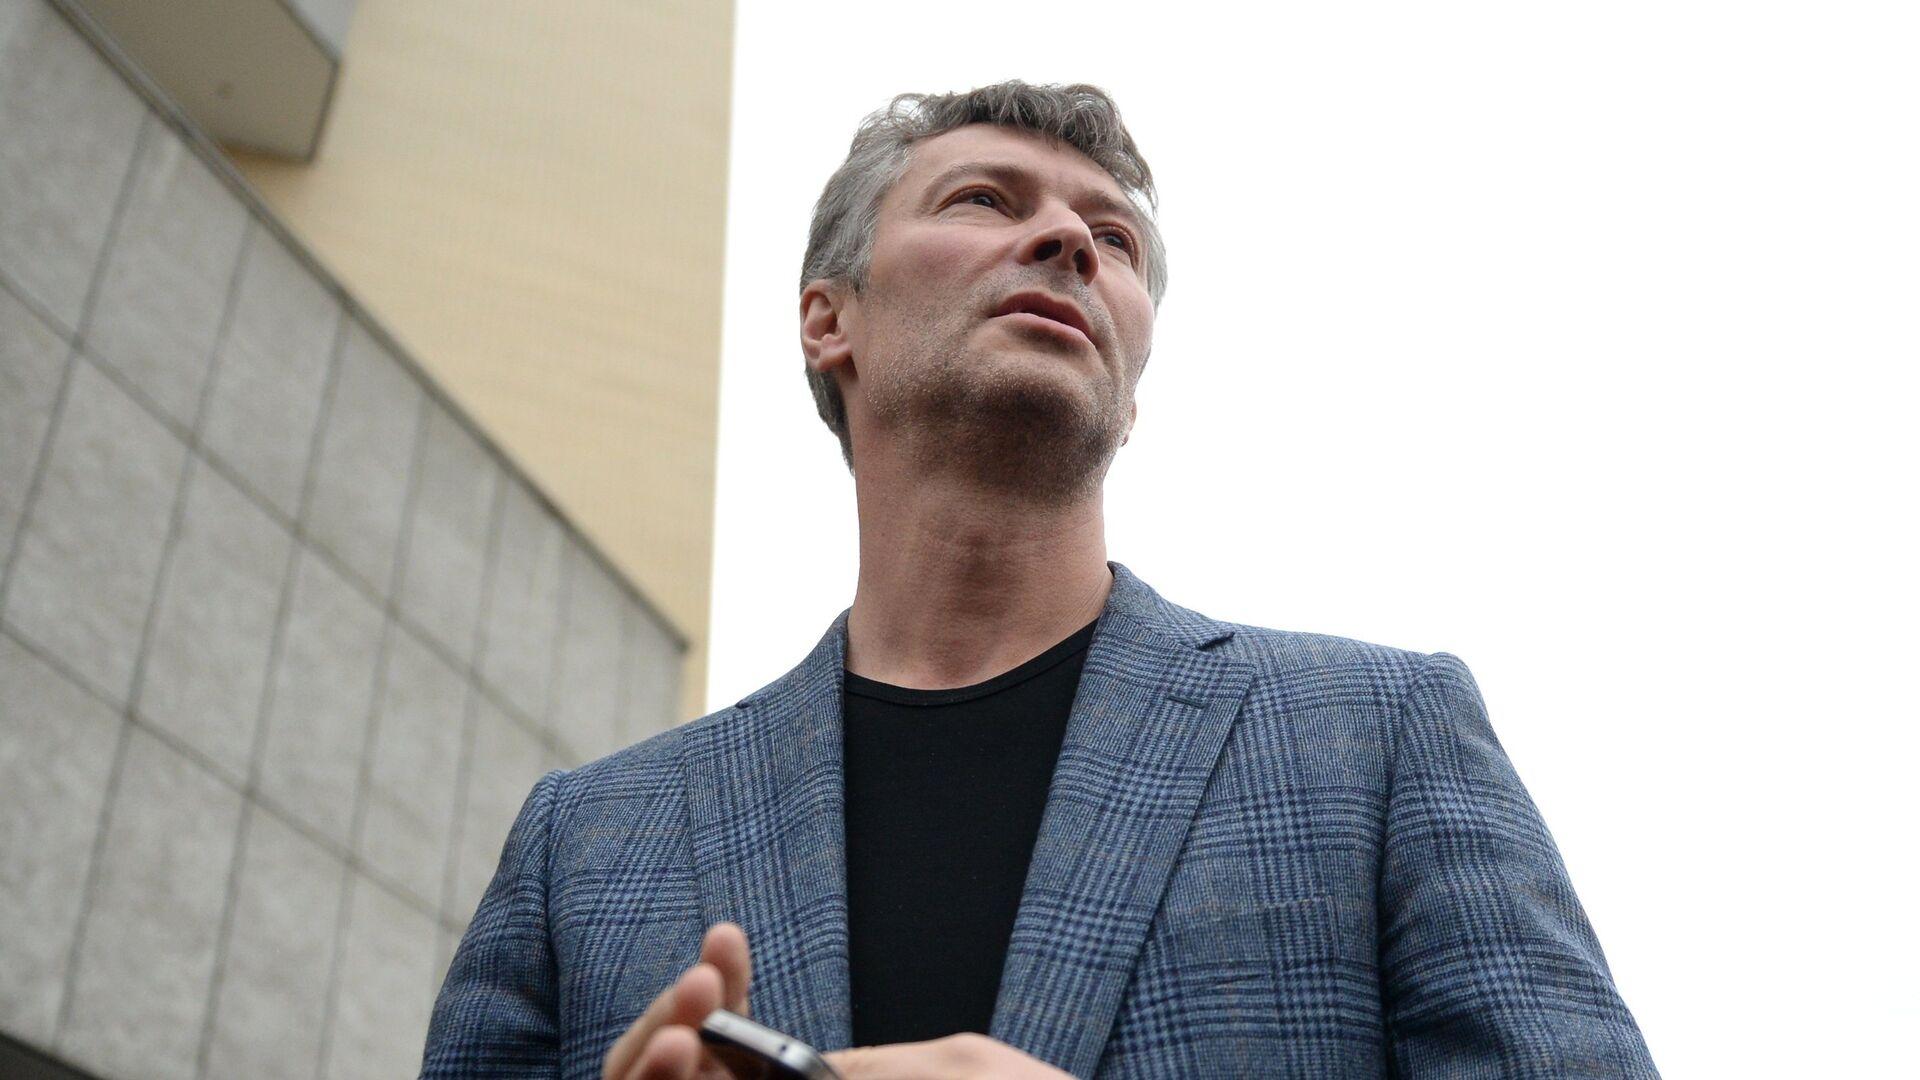 """Ройзман исключил выдвижение от """"Яблока"""" из-за слов Явлинского о Навальном"""